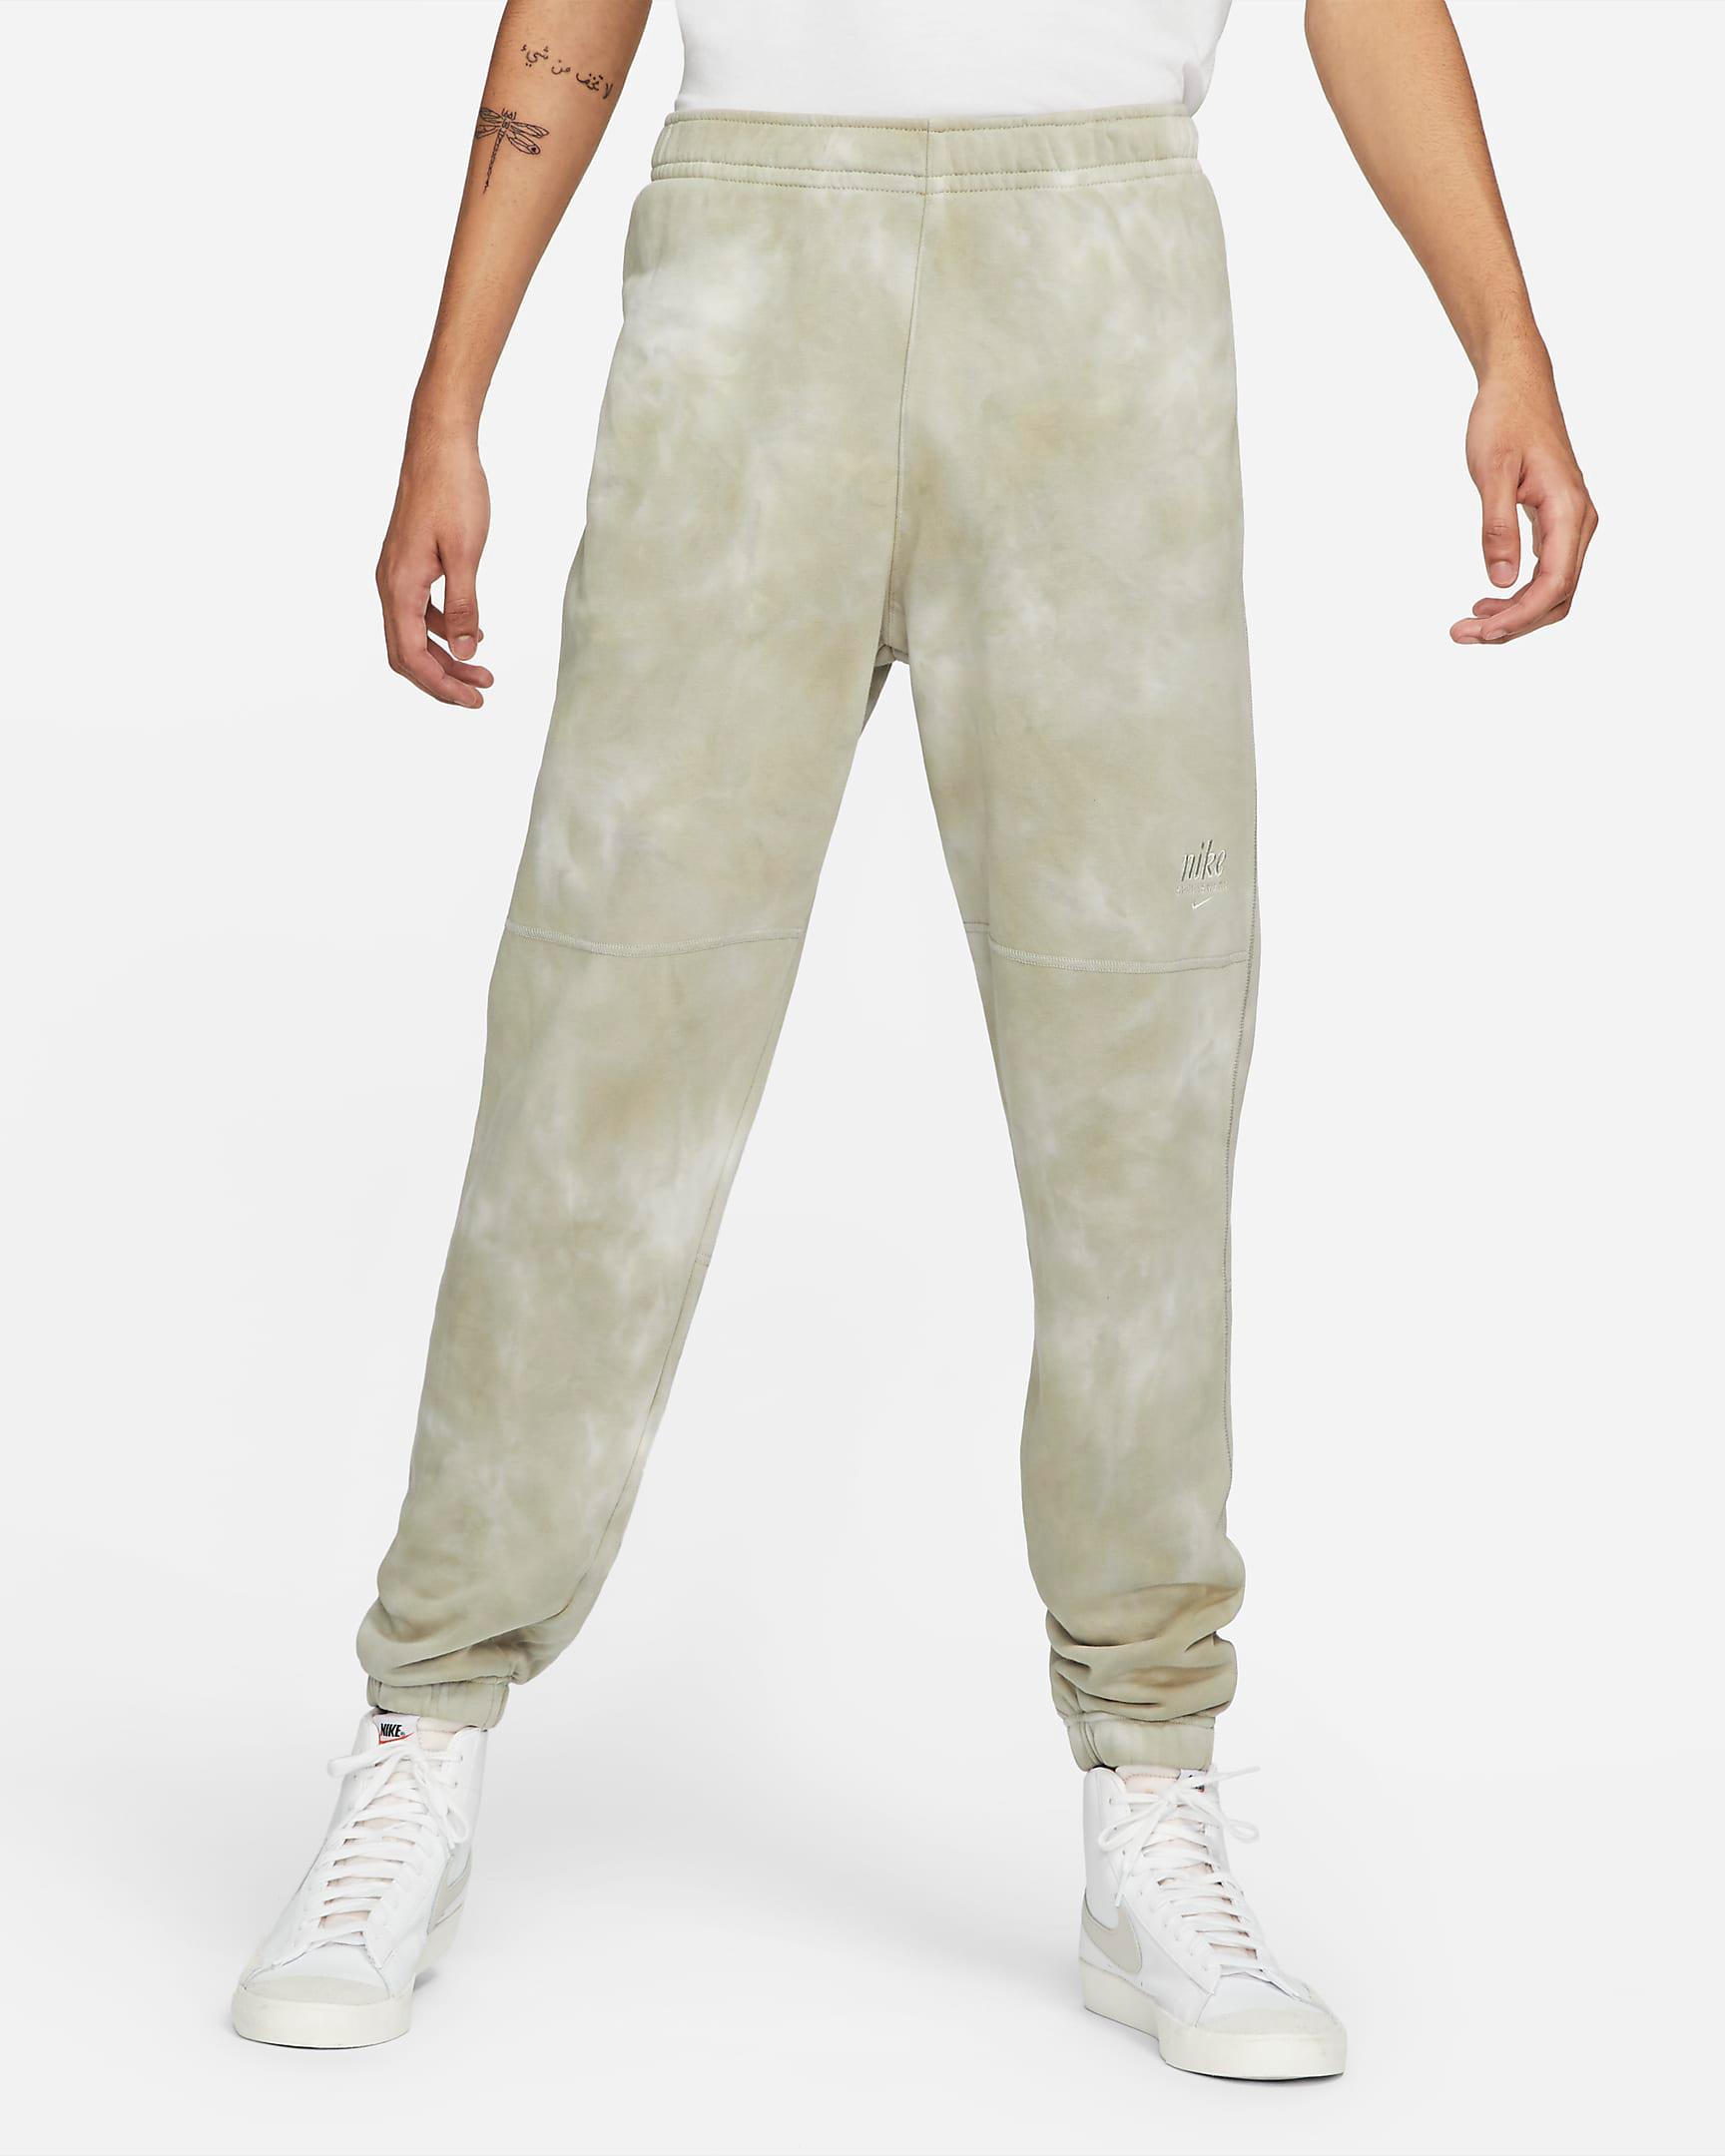 nike-club-fleece-tie-dye-jogger-pants-cream-beige